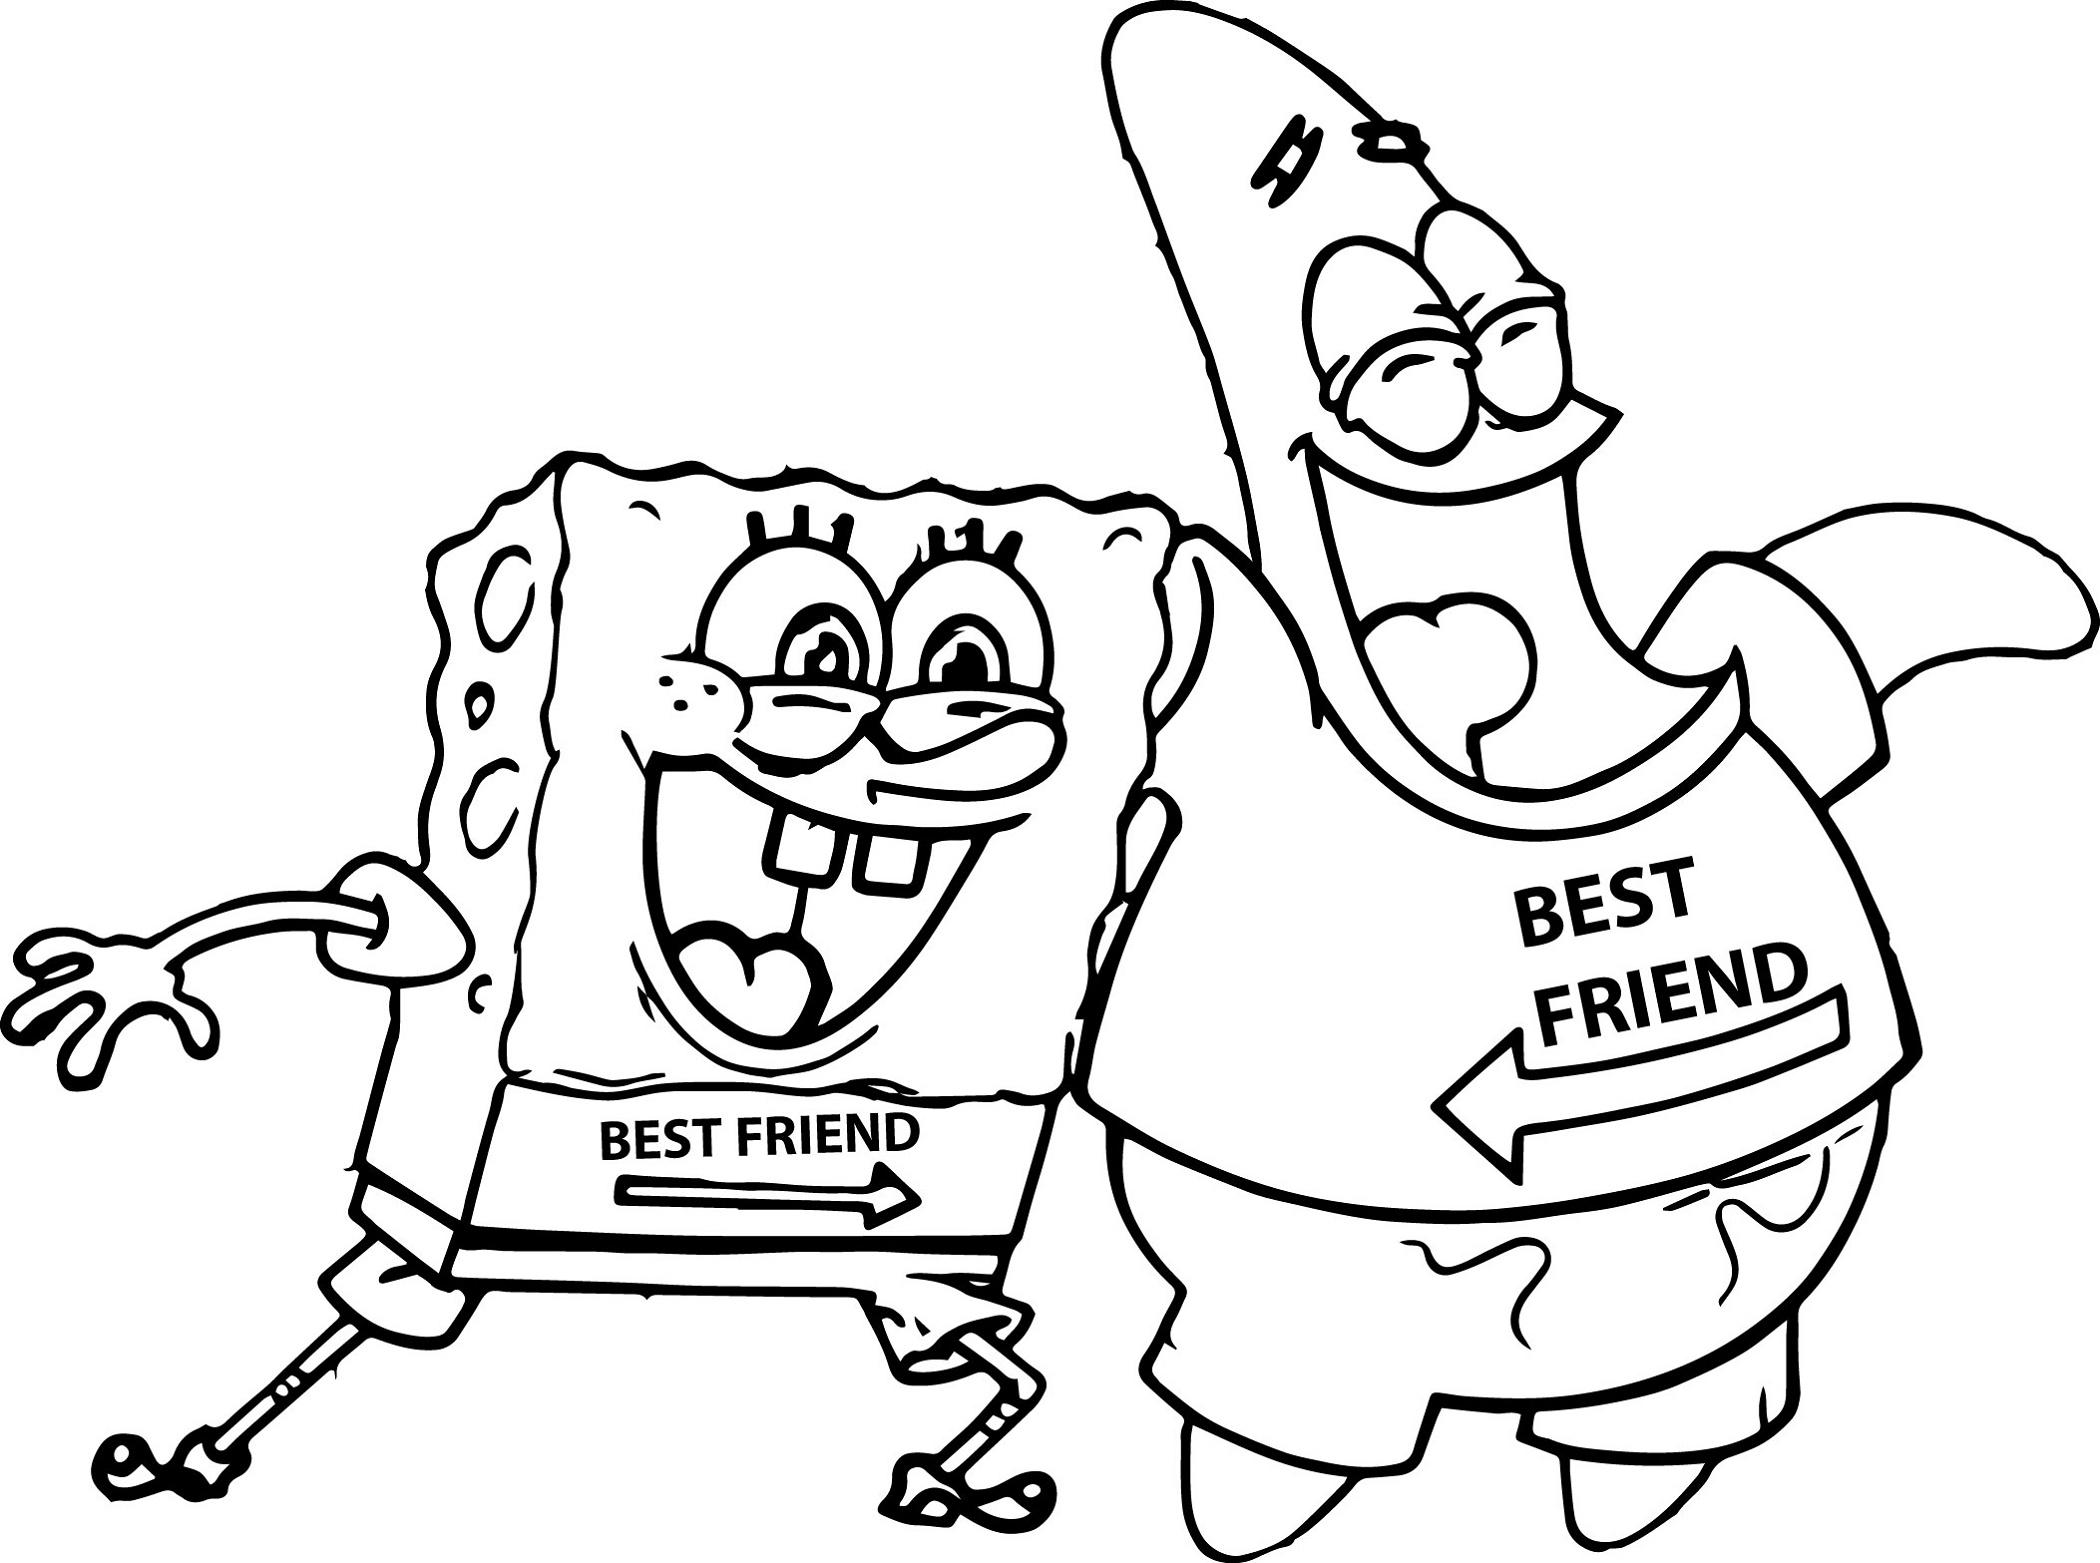 Best Friend Coloring Pages Spongebob